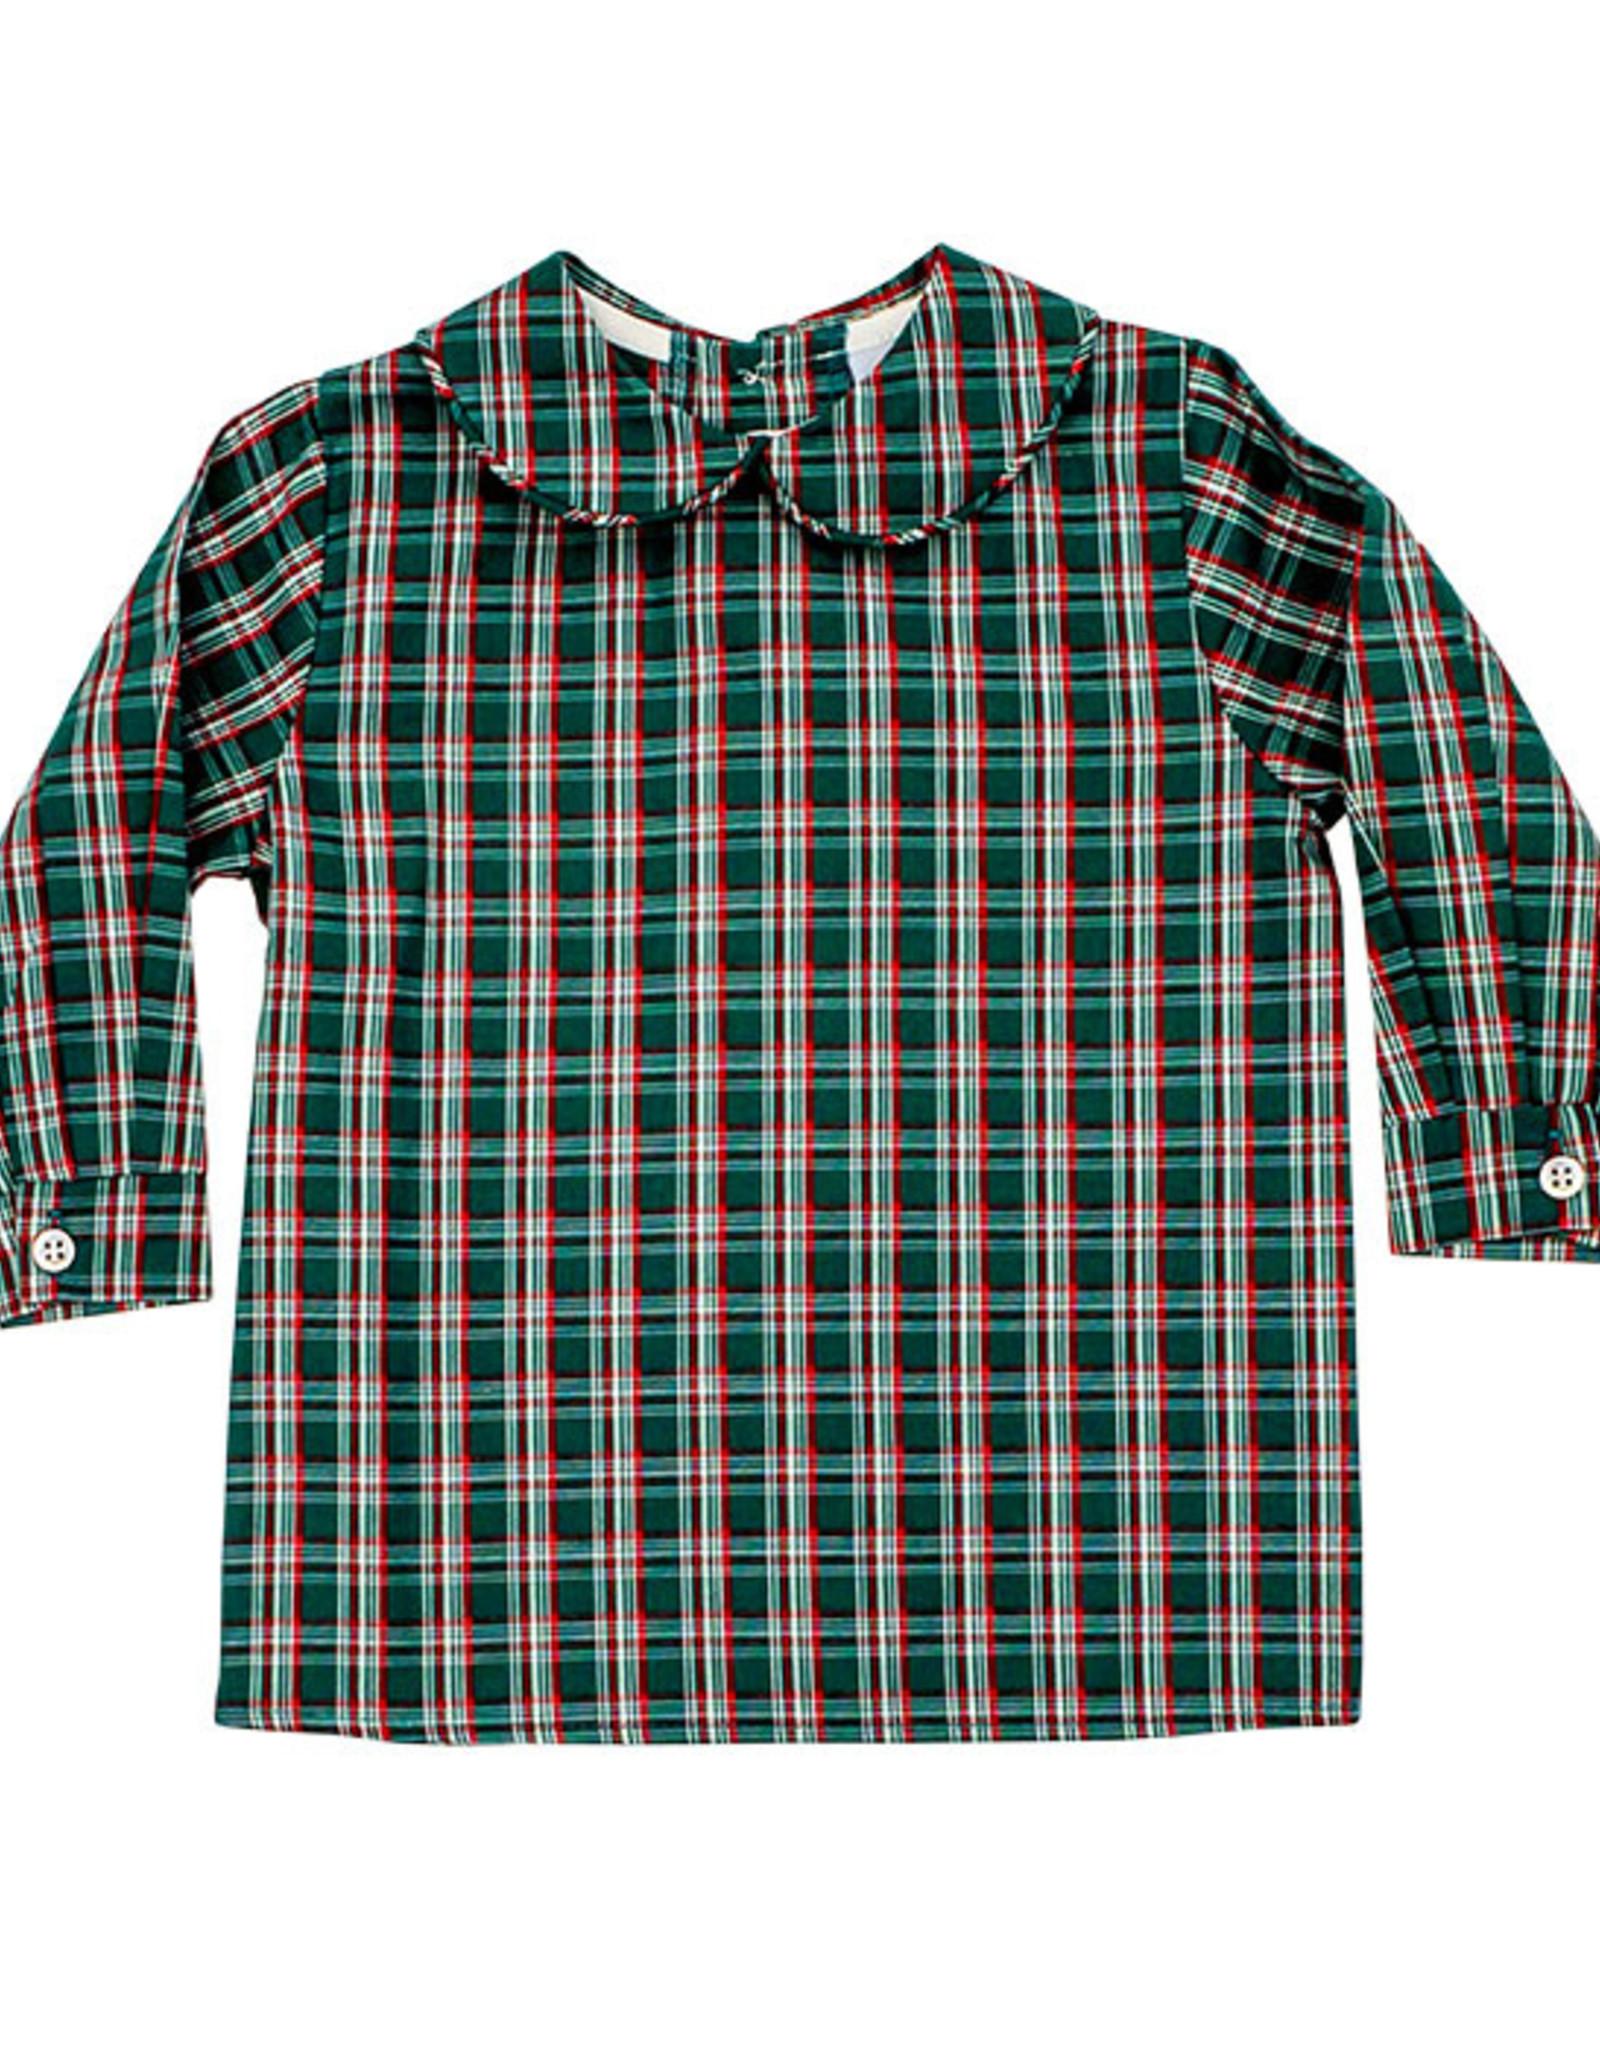 The Bailey Boys Holly Plaid Boys Piped Shirt